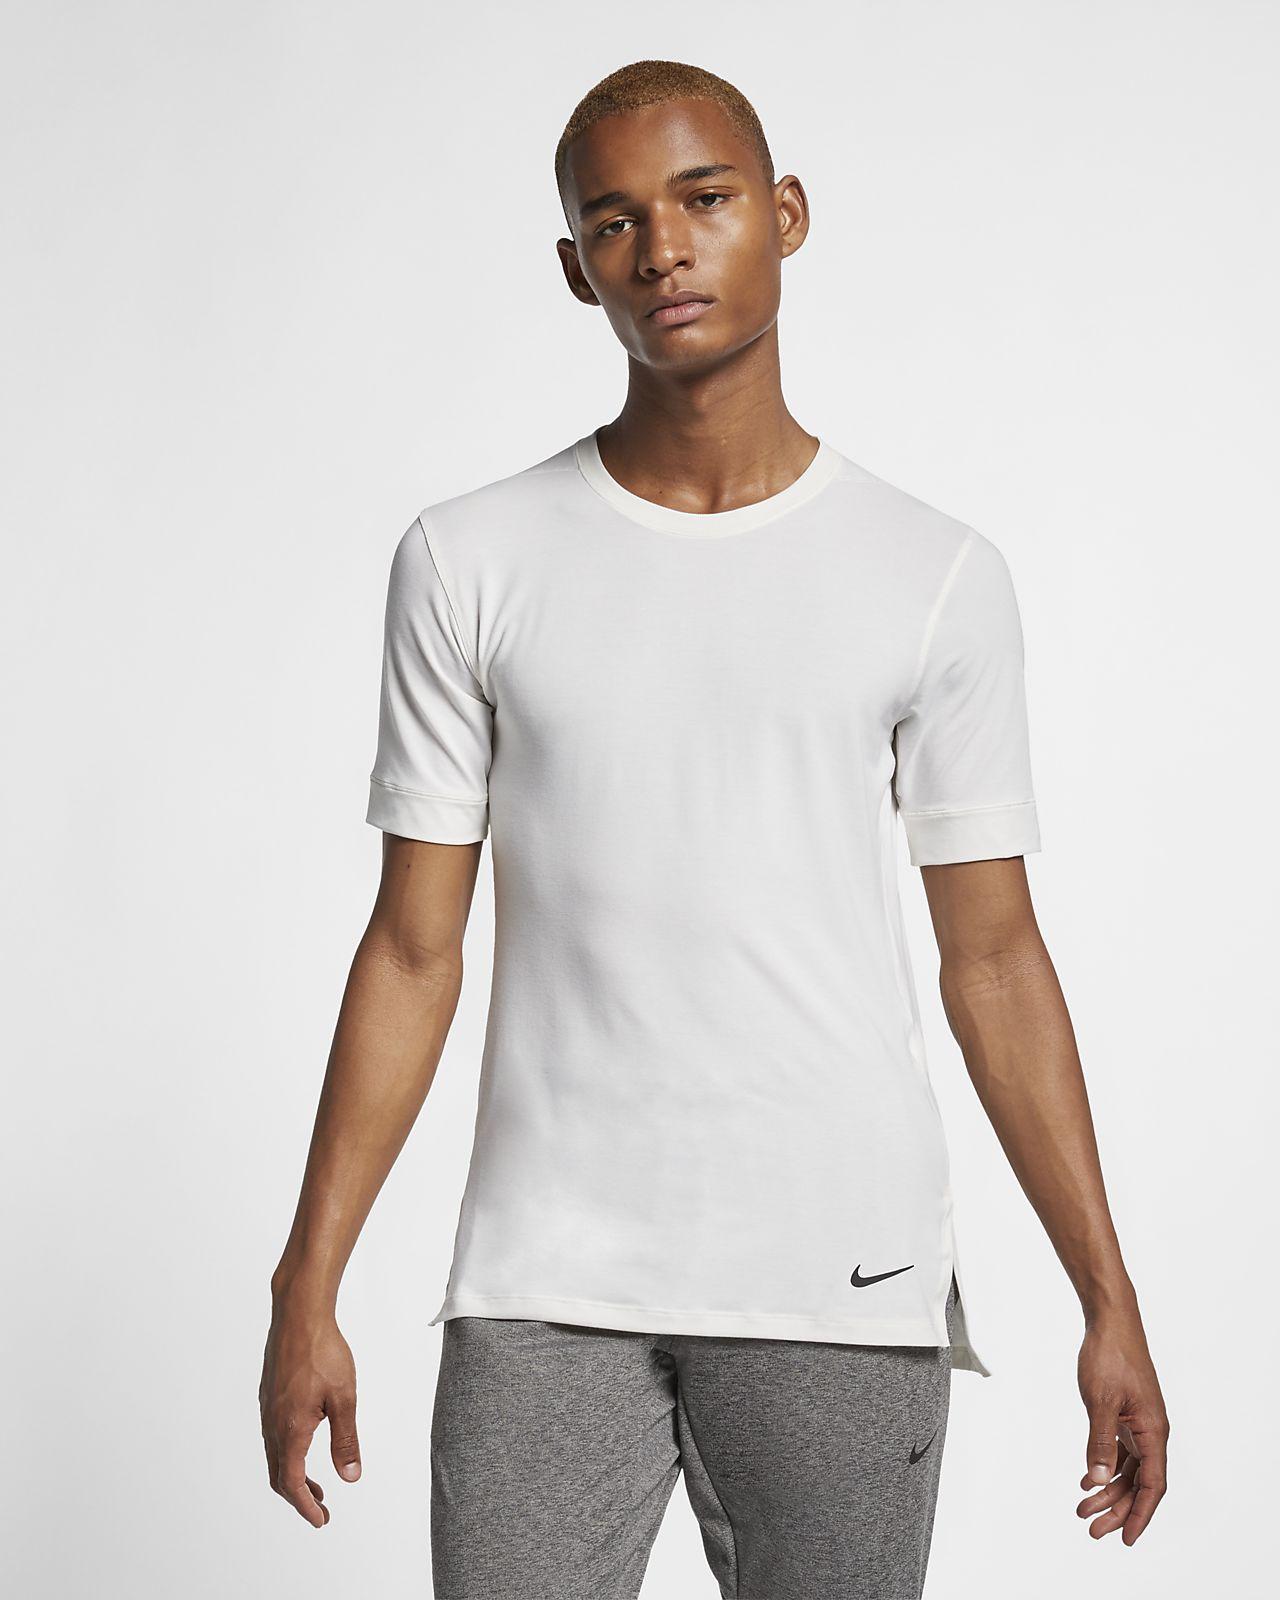 Pánské tréninkové tričko s krátkým rukávem na jógu Nike Dri-FIT